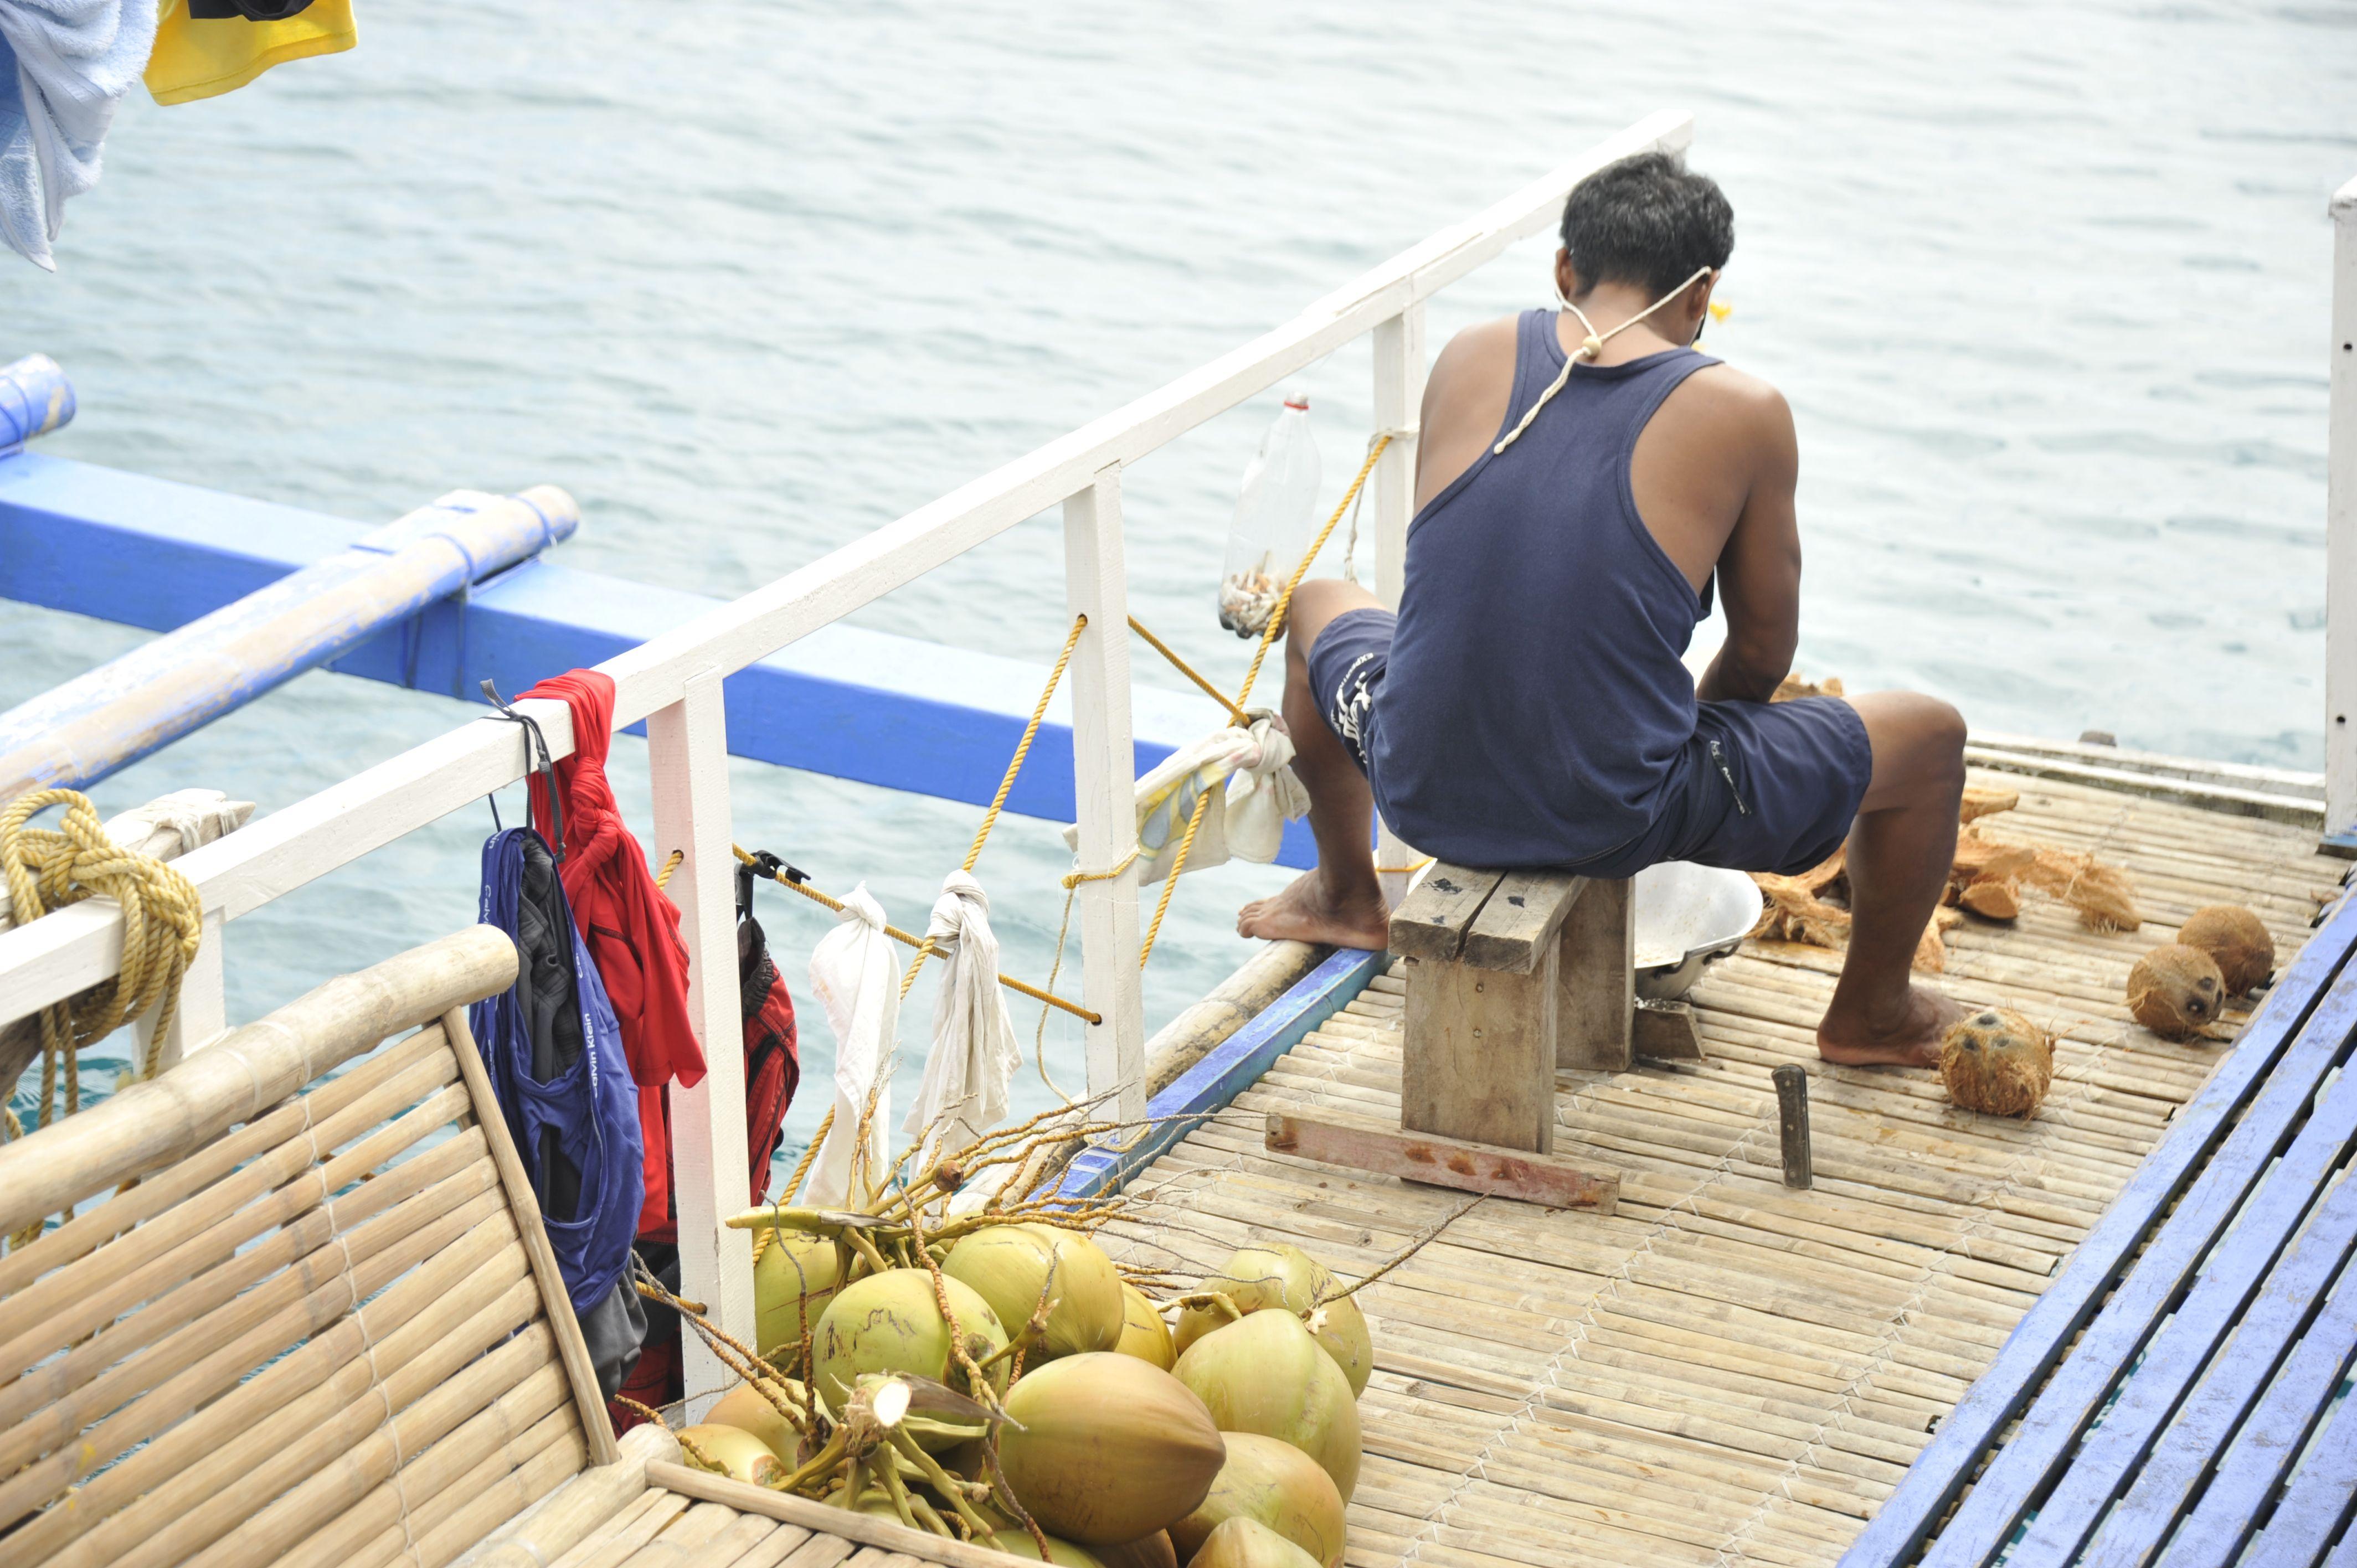 Un membre de l'équipage Tao en train de râper des noix de coco pour en faire du lait